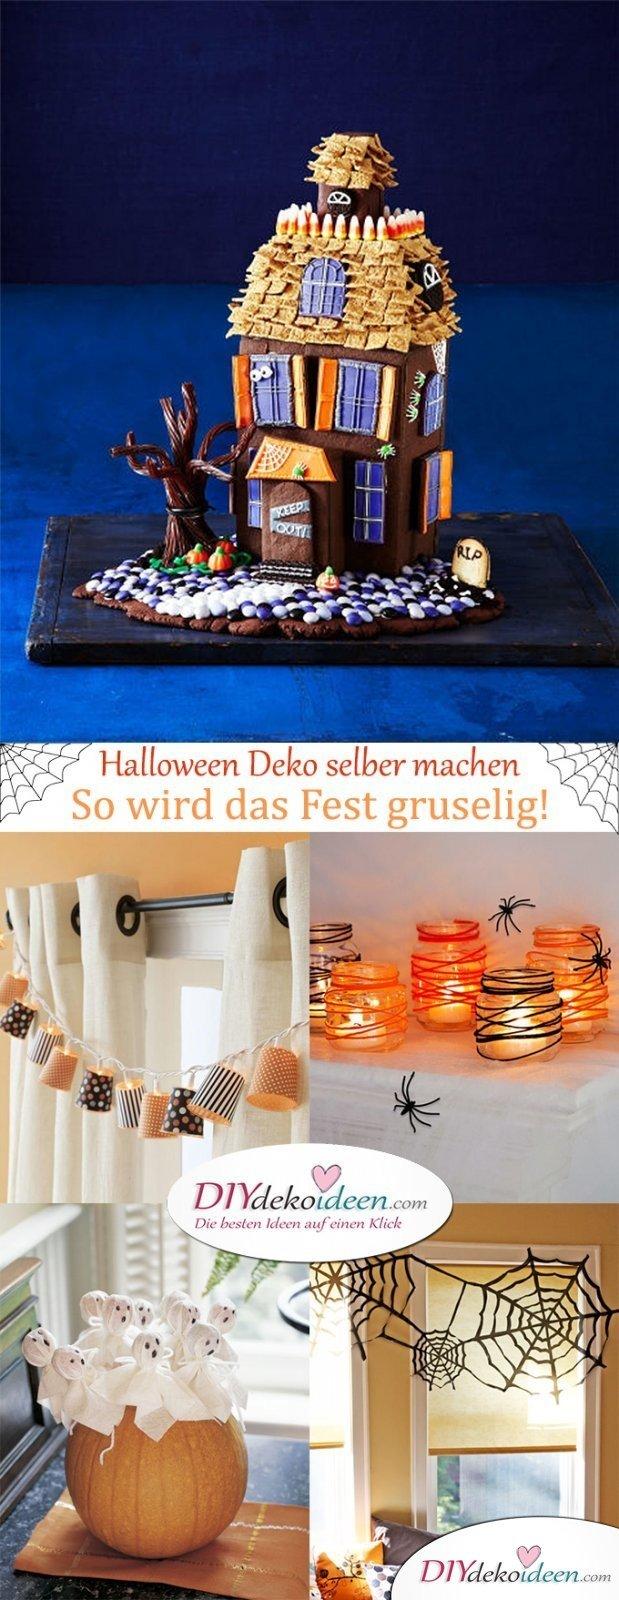 Halloween Deko selber machen - So wird das Fest richtig gruselig!